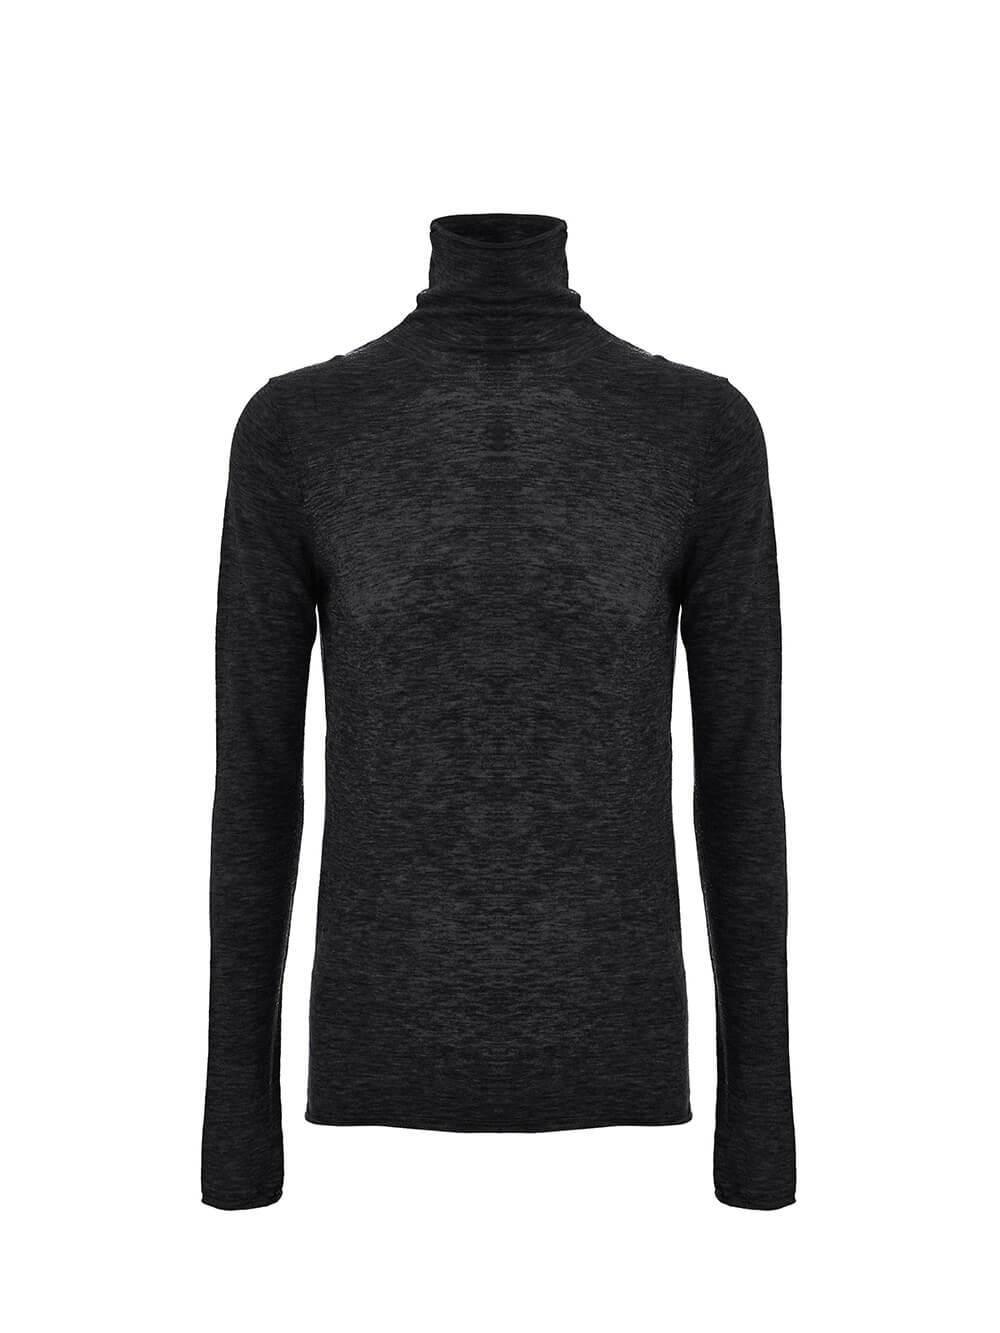 Женский свитер черного цвета из 100% шерсти - фото 1